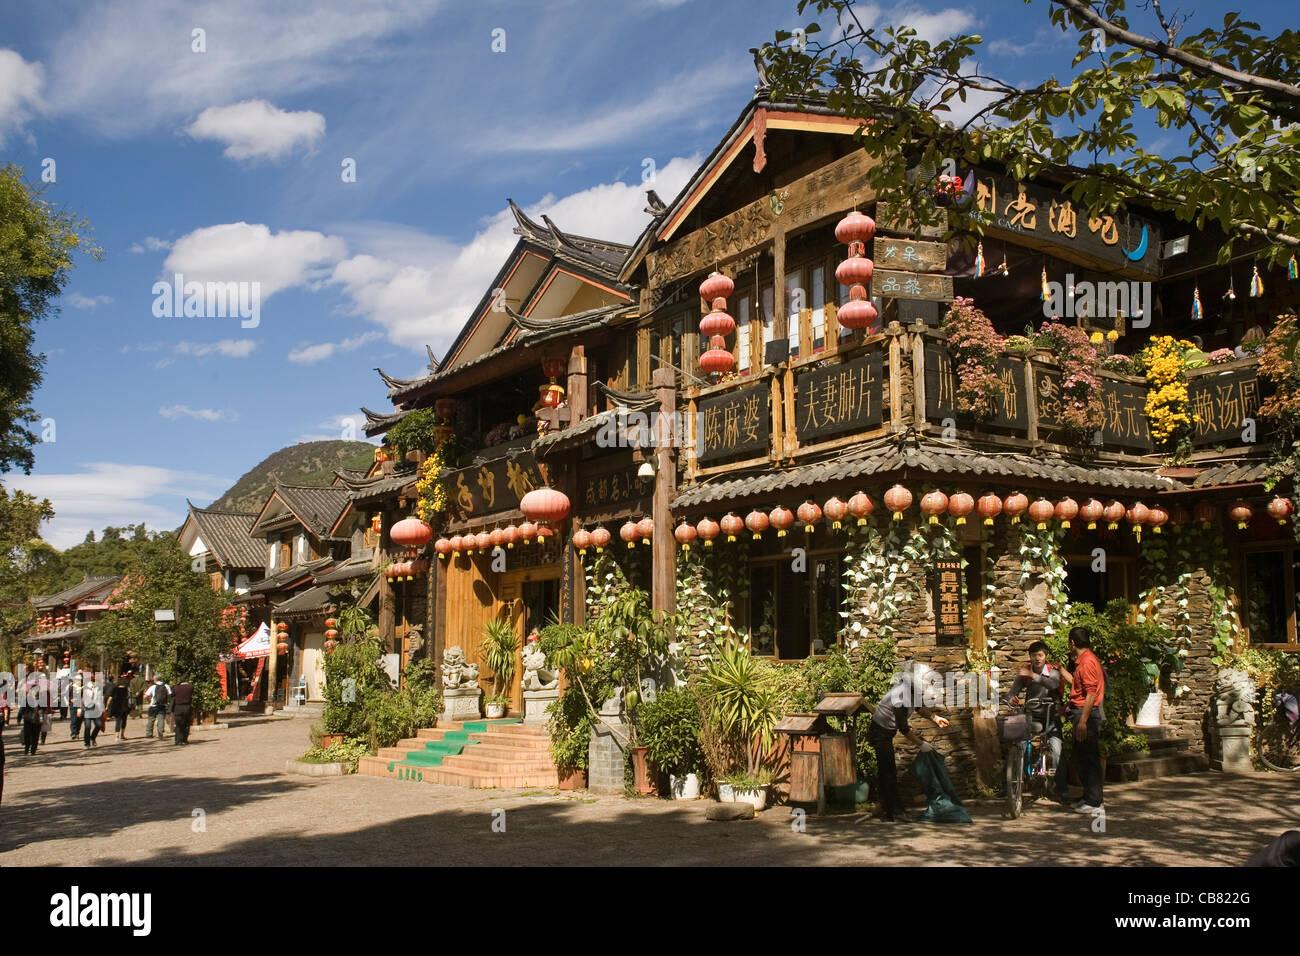 China Yunnan Lijiang, shops & restaurants - Stock Image